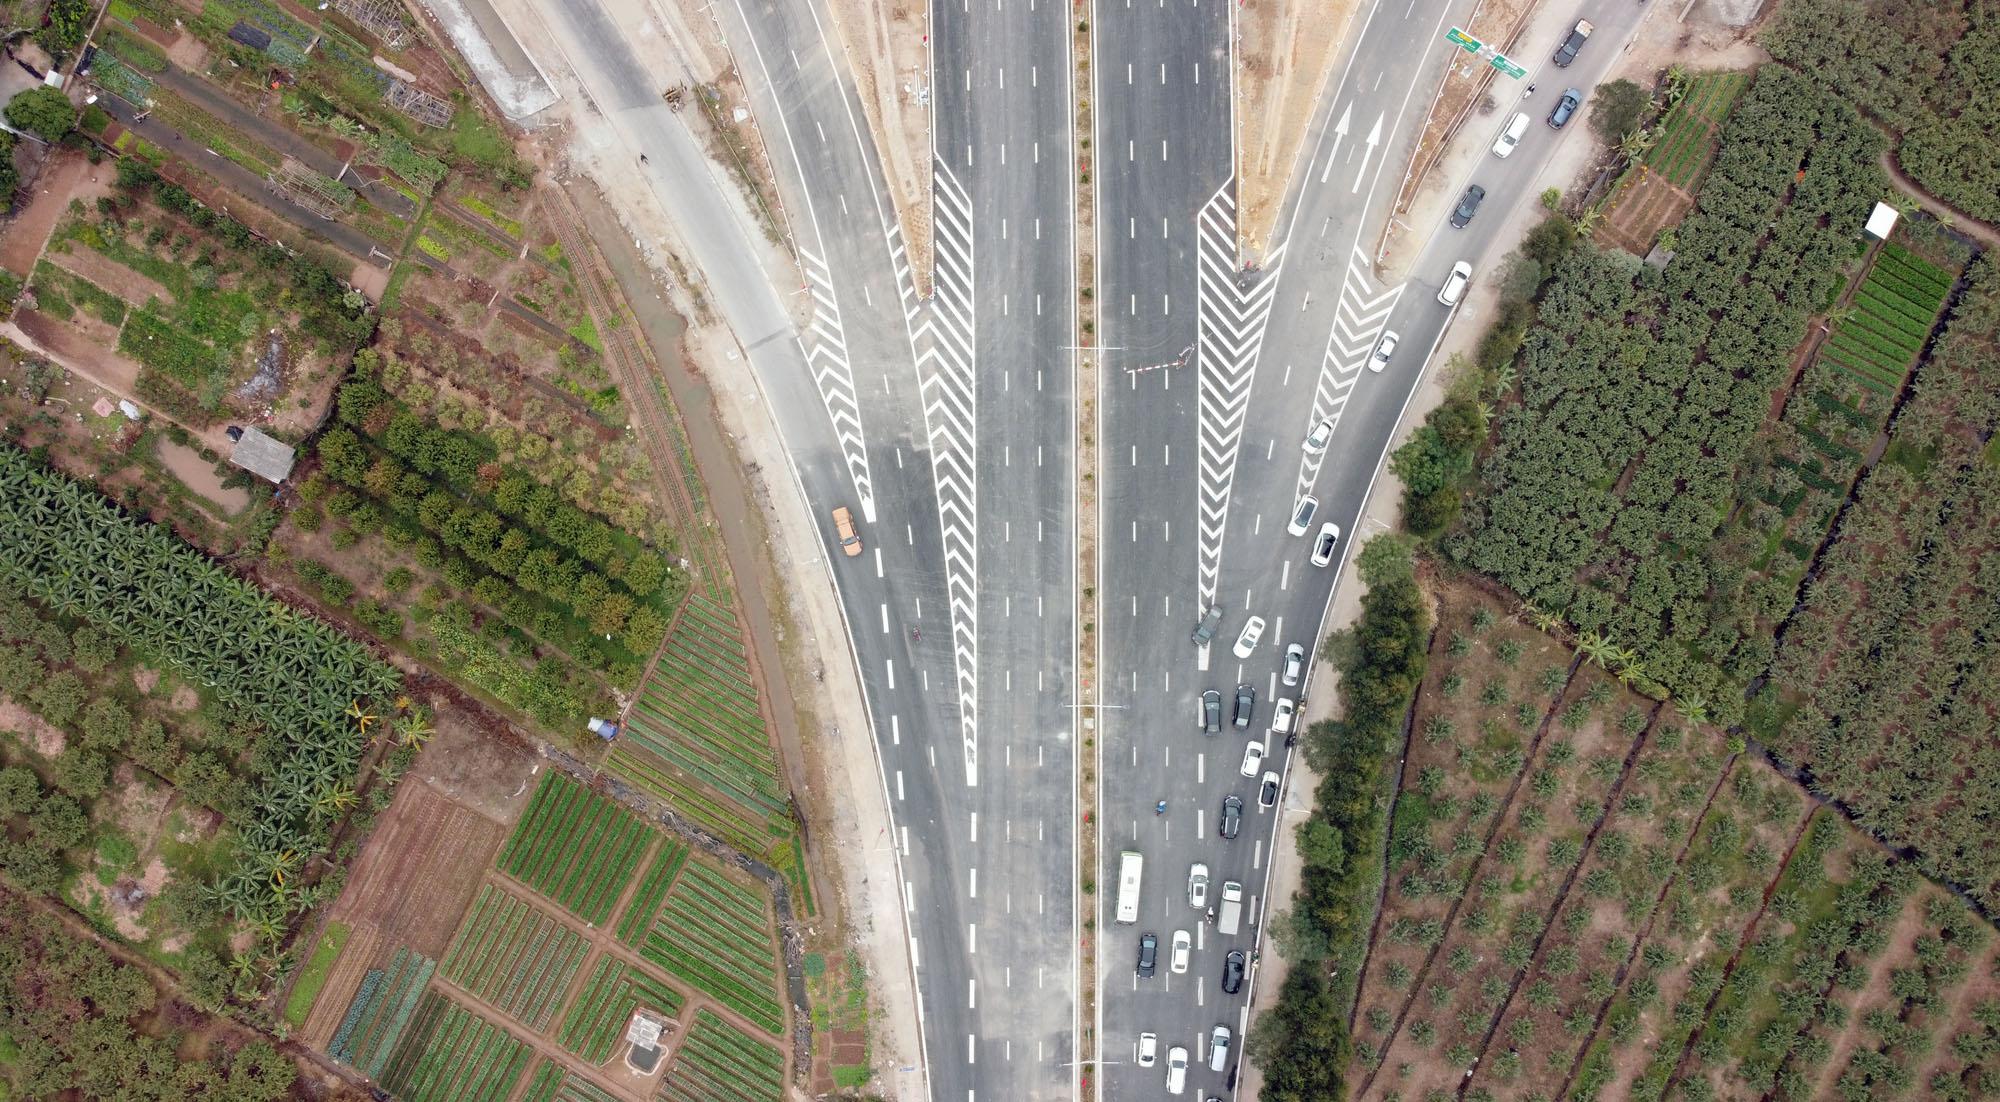 Cận cảnh nút giao đường Vành đai 3 với cao tốc Hà Nội - Hải Phòng trị giá 400 tỷ đồng - Ảnh 4.